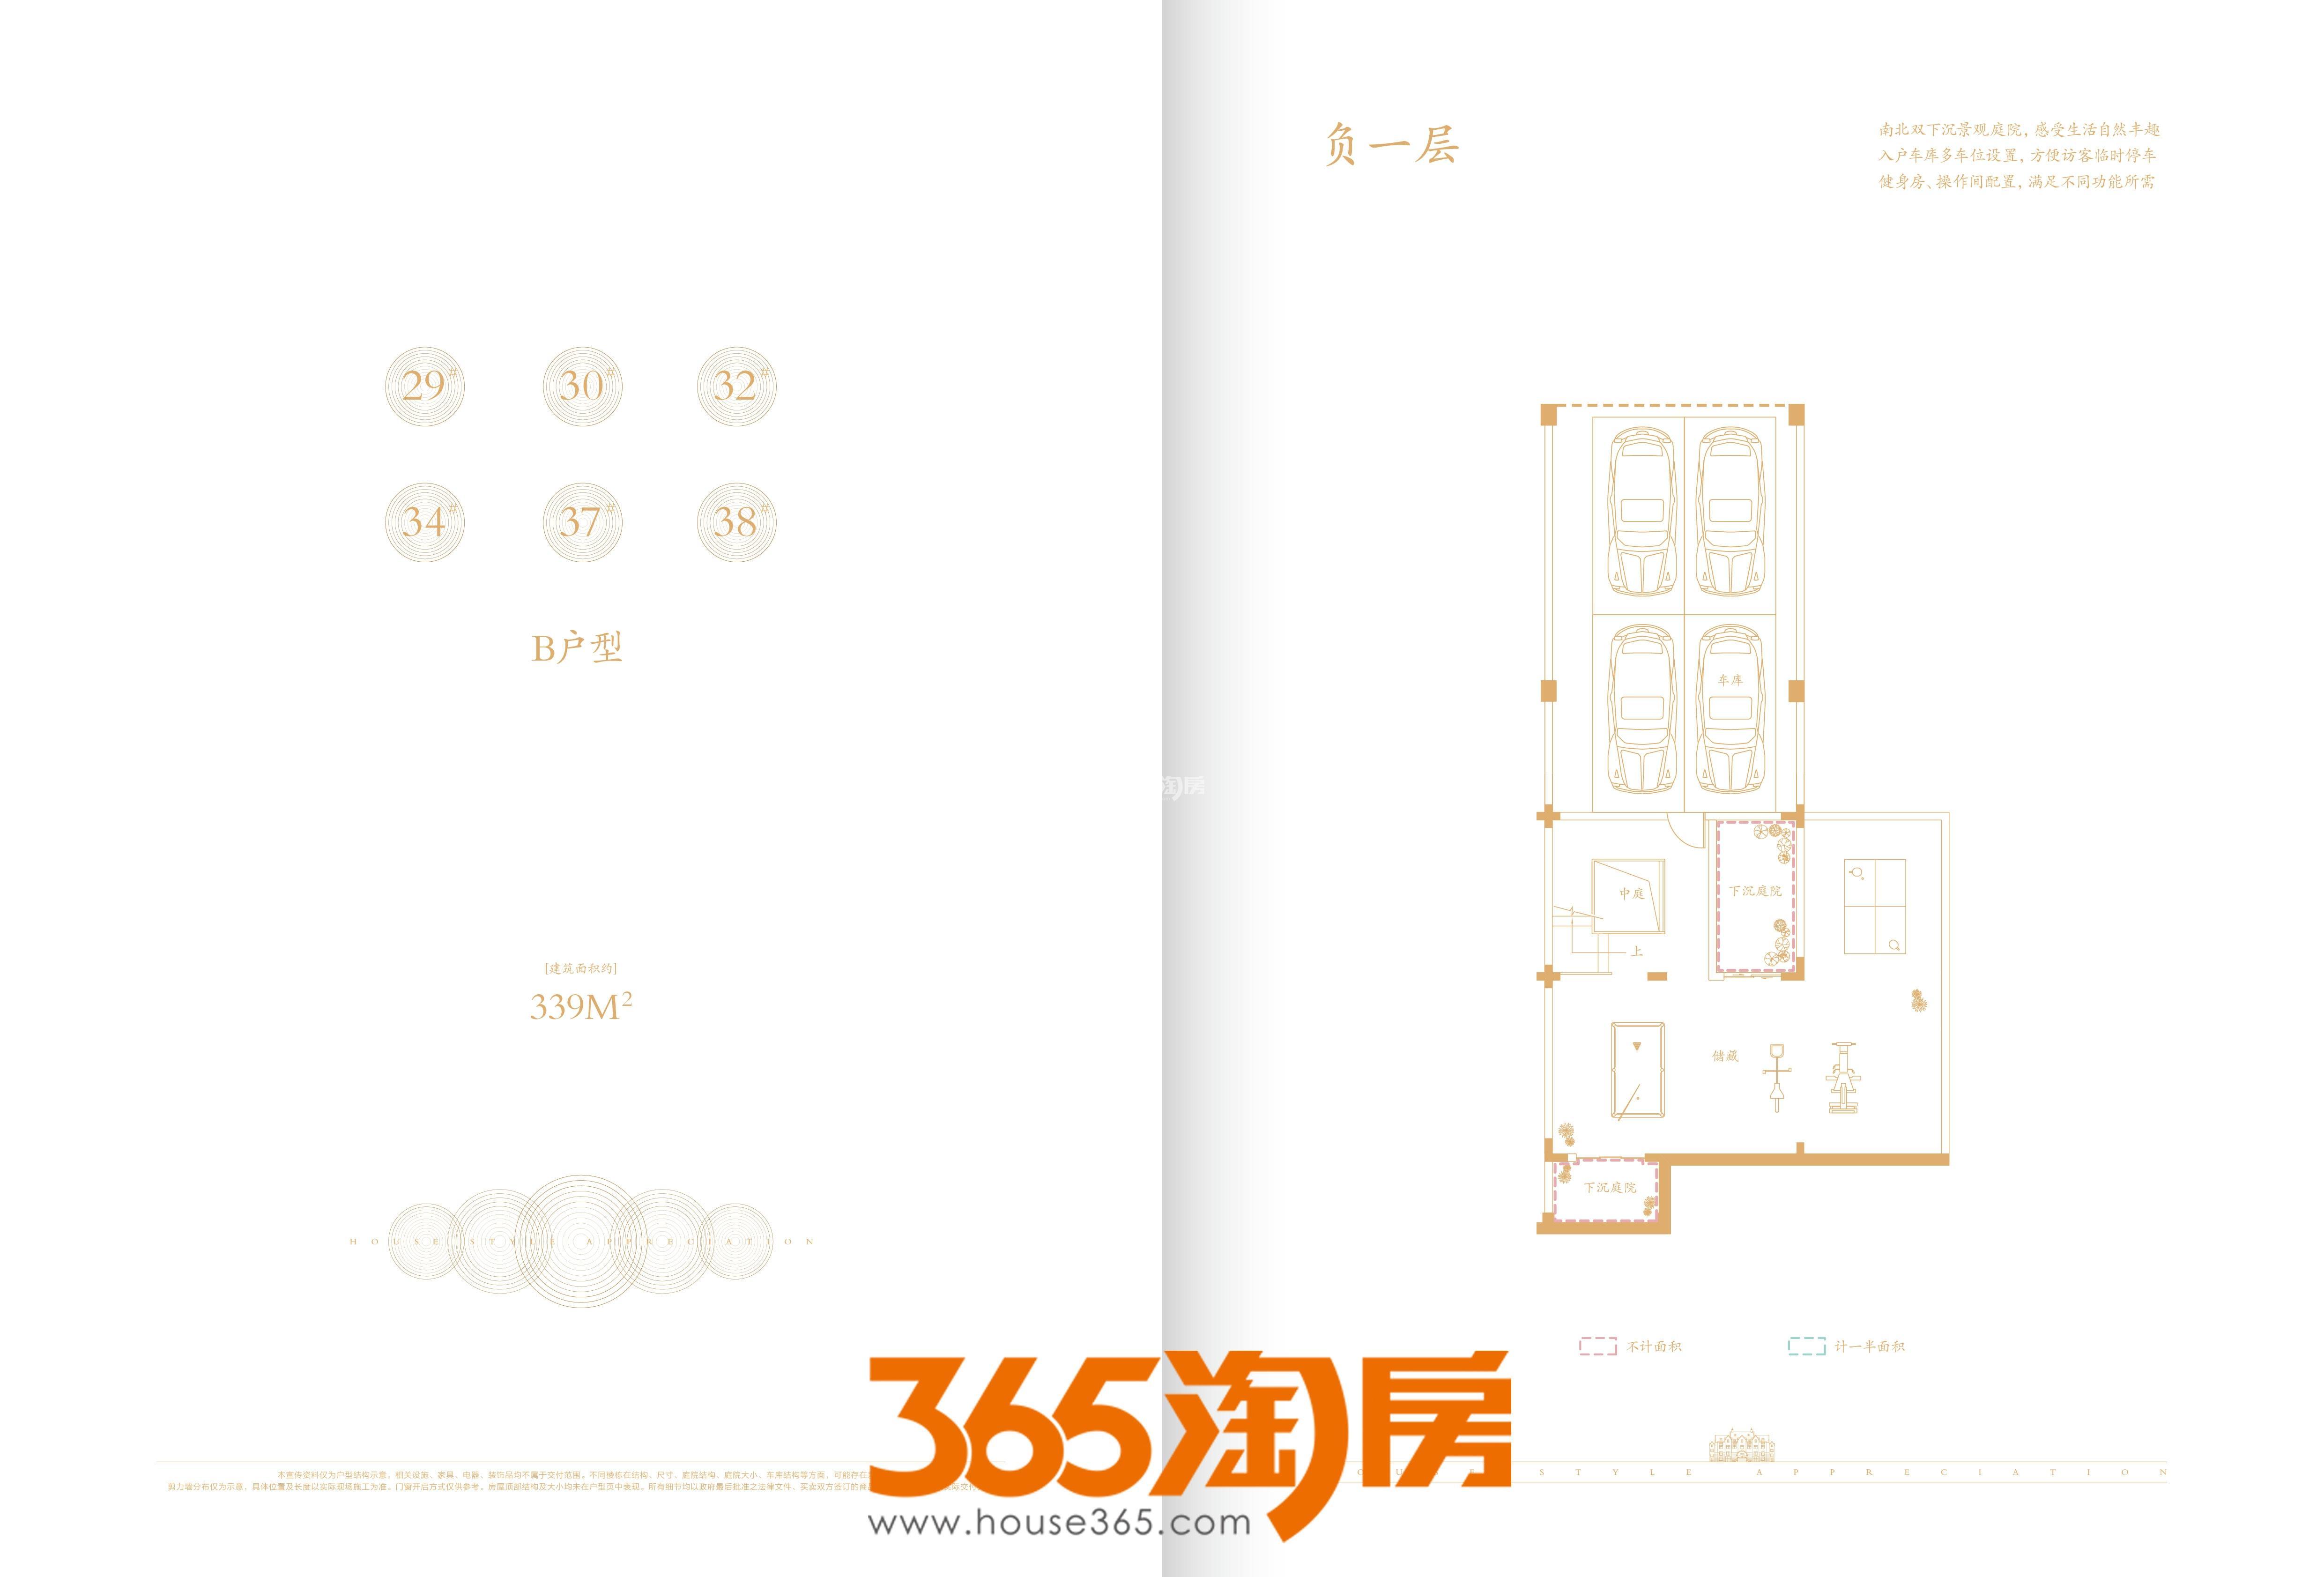 合肥云谷别墅339㎡负一层户型图